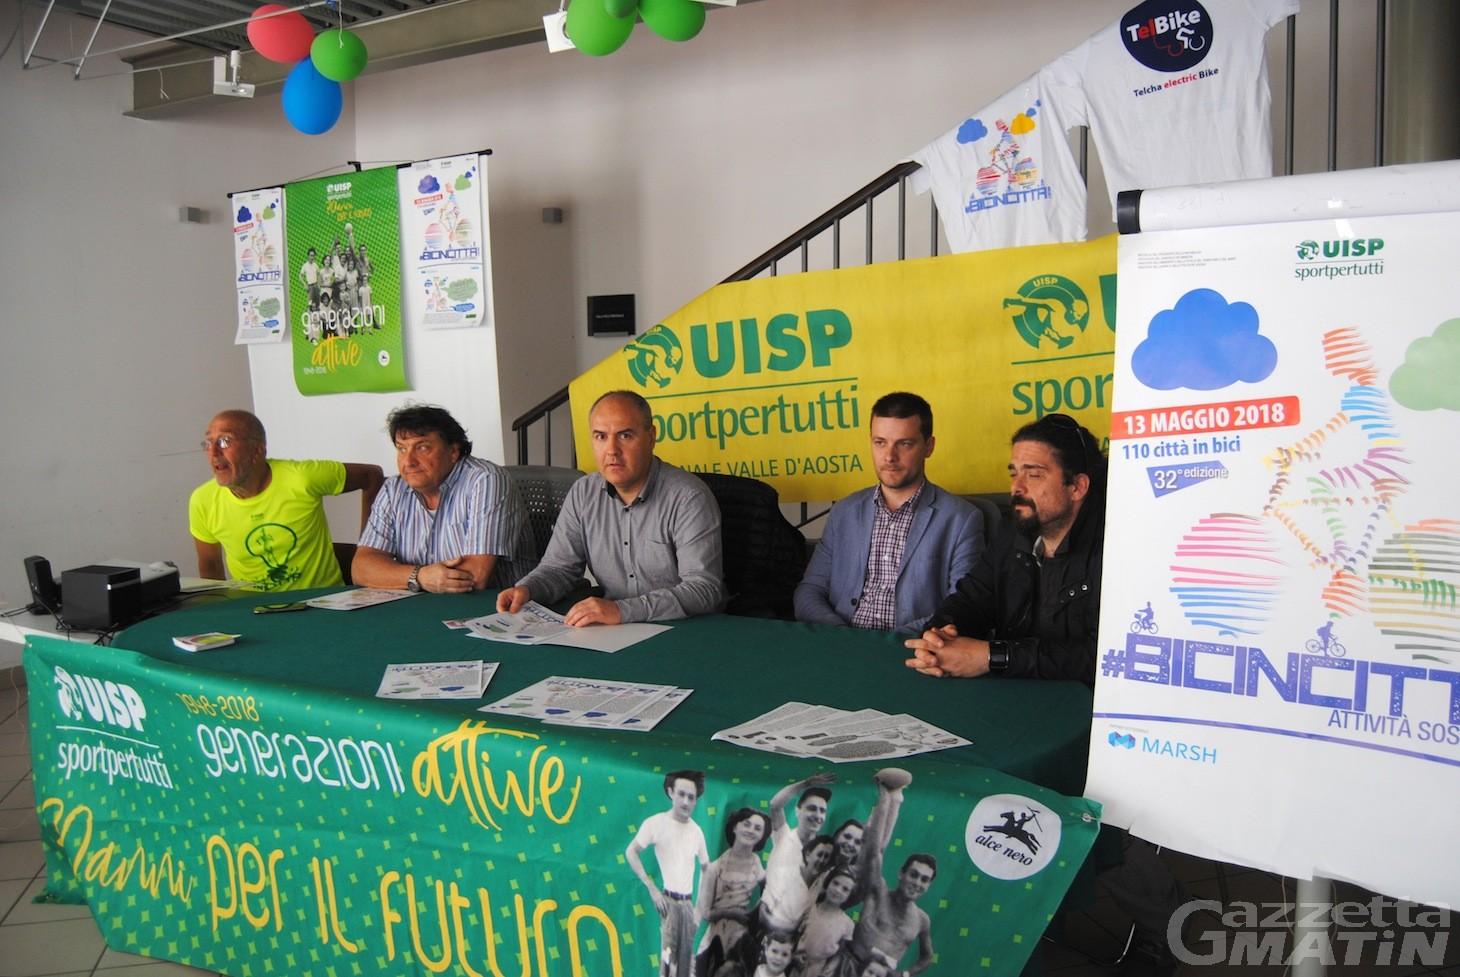 Covid e sport: la UISP dice basta ai furbetti